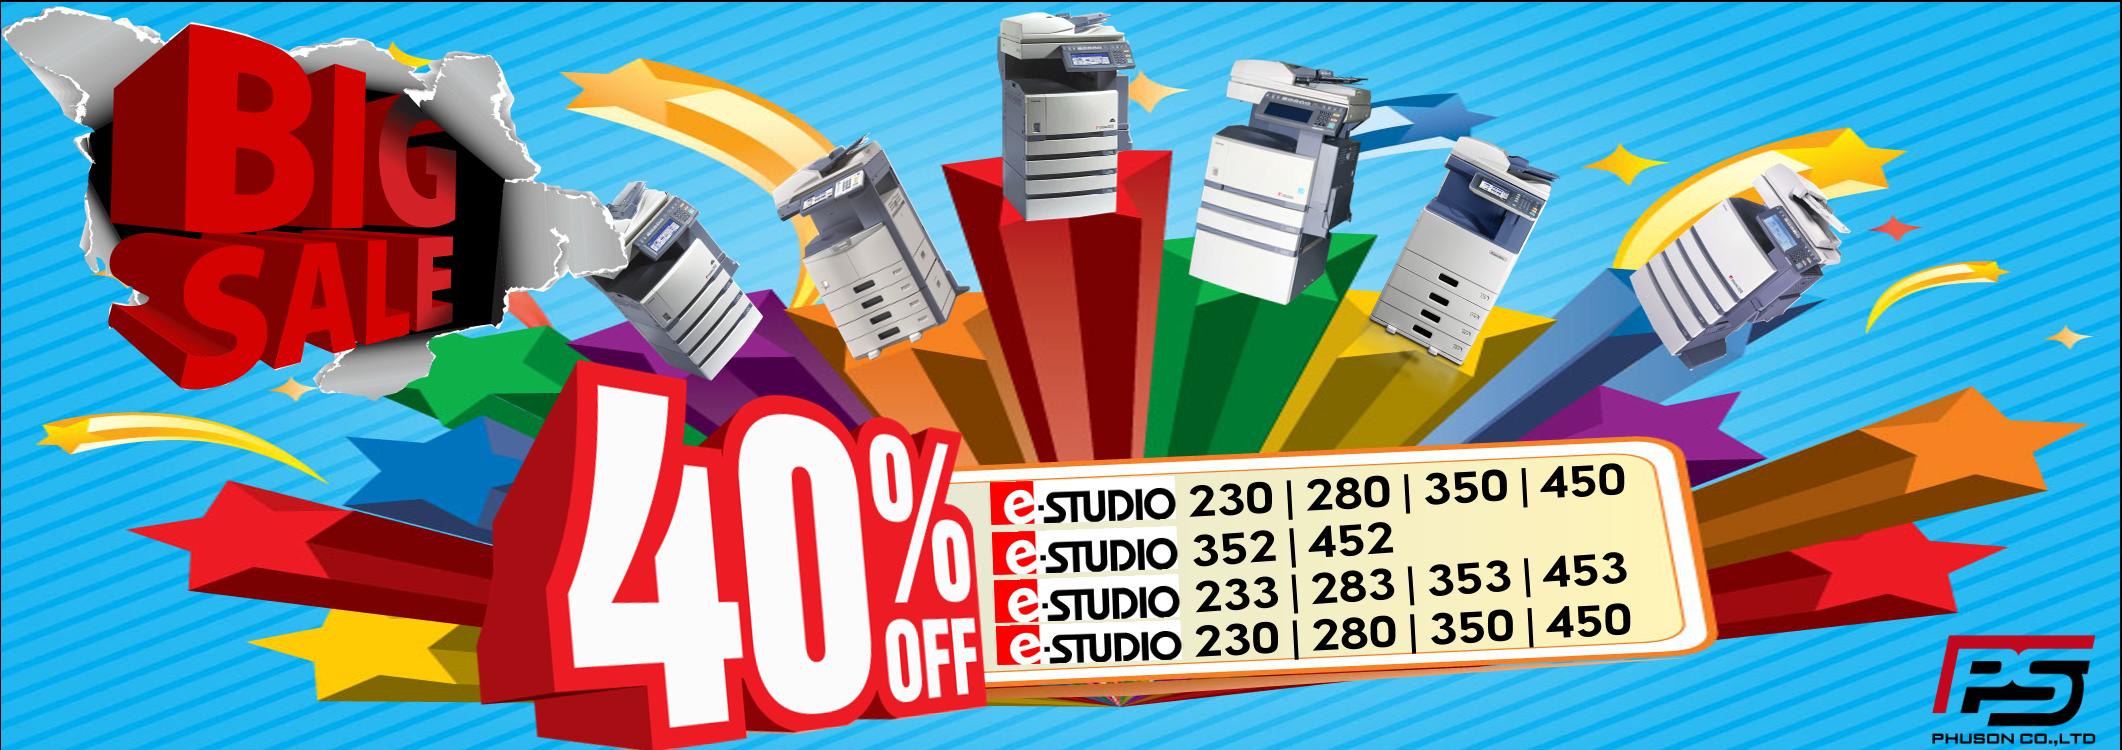 Giảm giá lên tới 40% cho các model máy Photocopy văn phòng của Toshiba